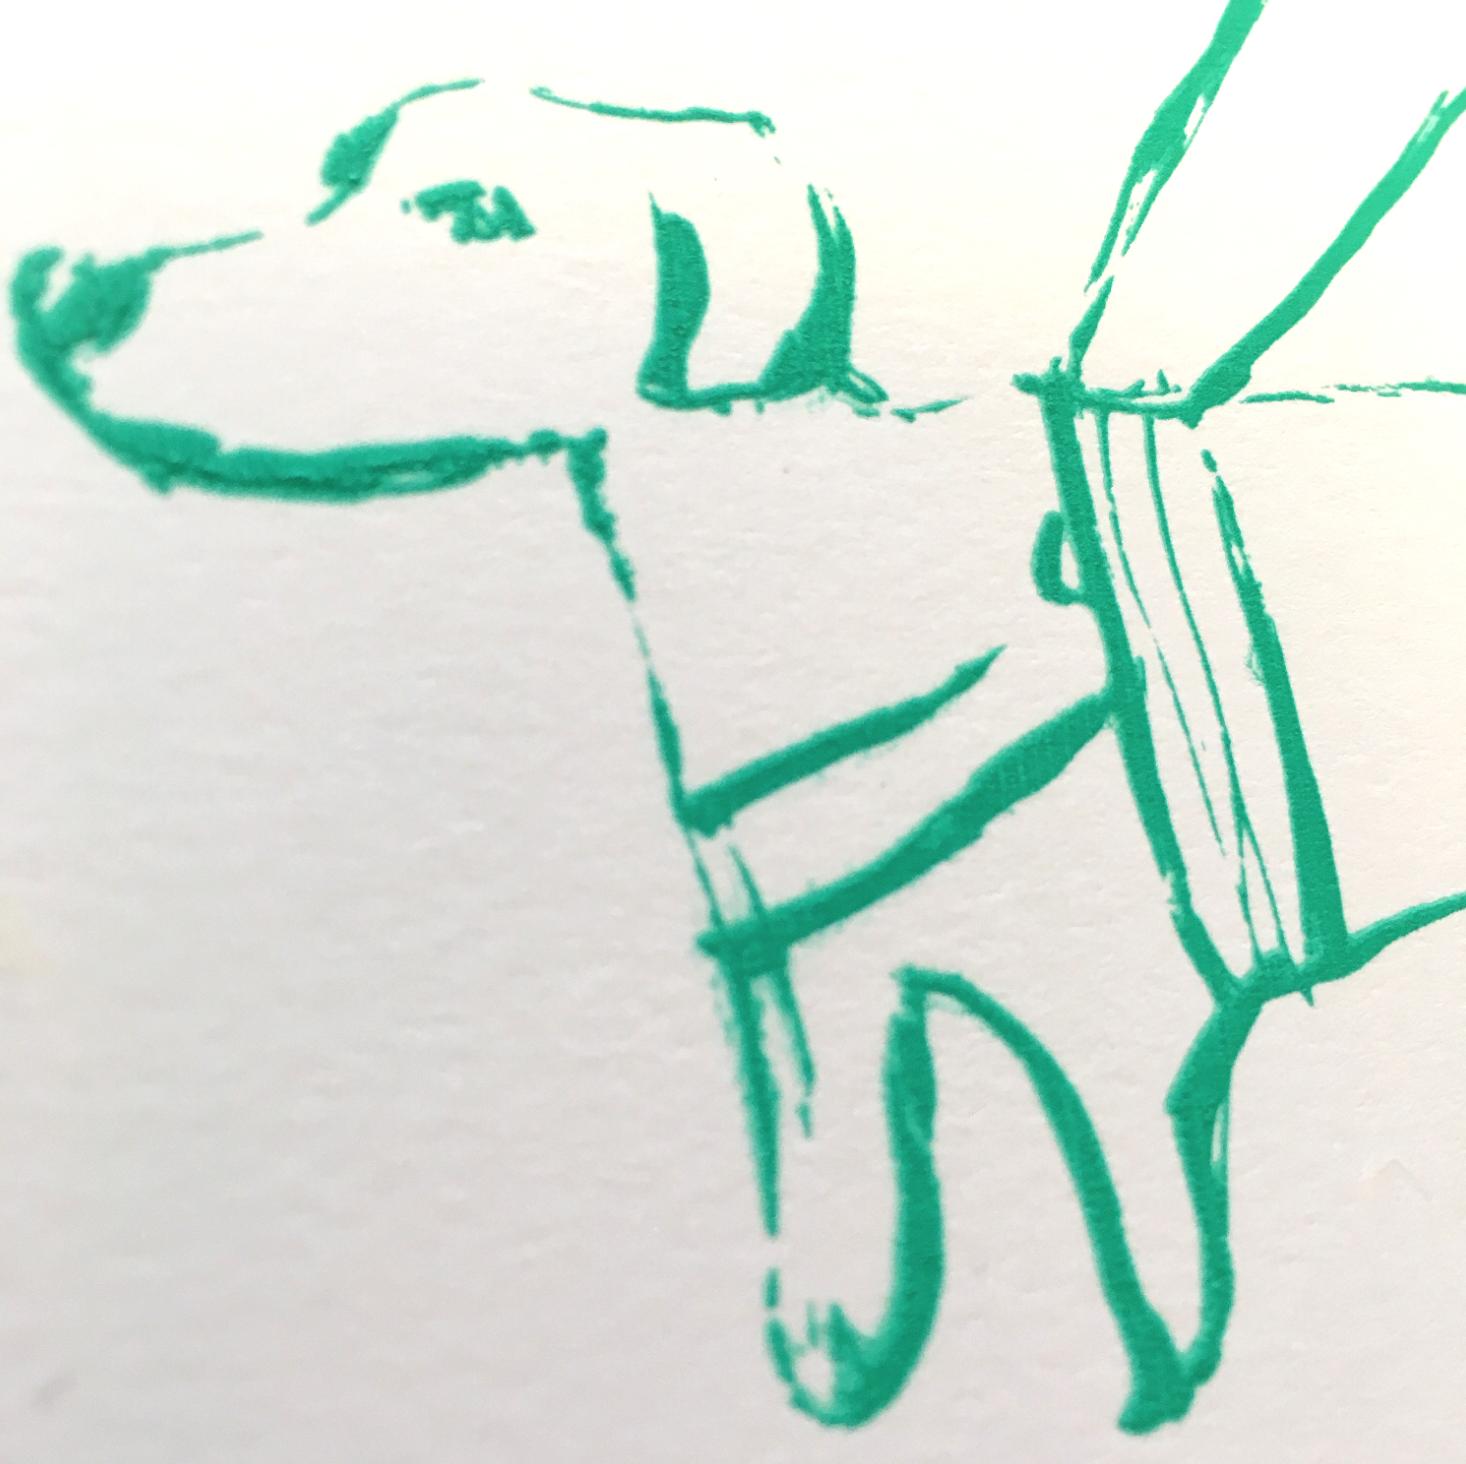 Førerhunden i et slags ufokusert nærbilde.